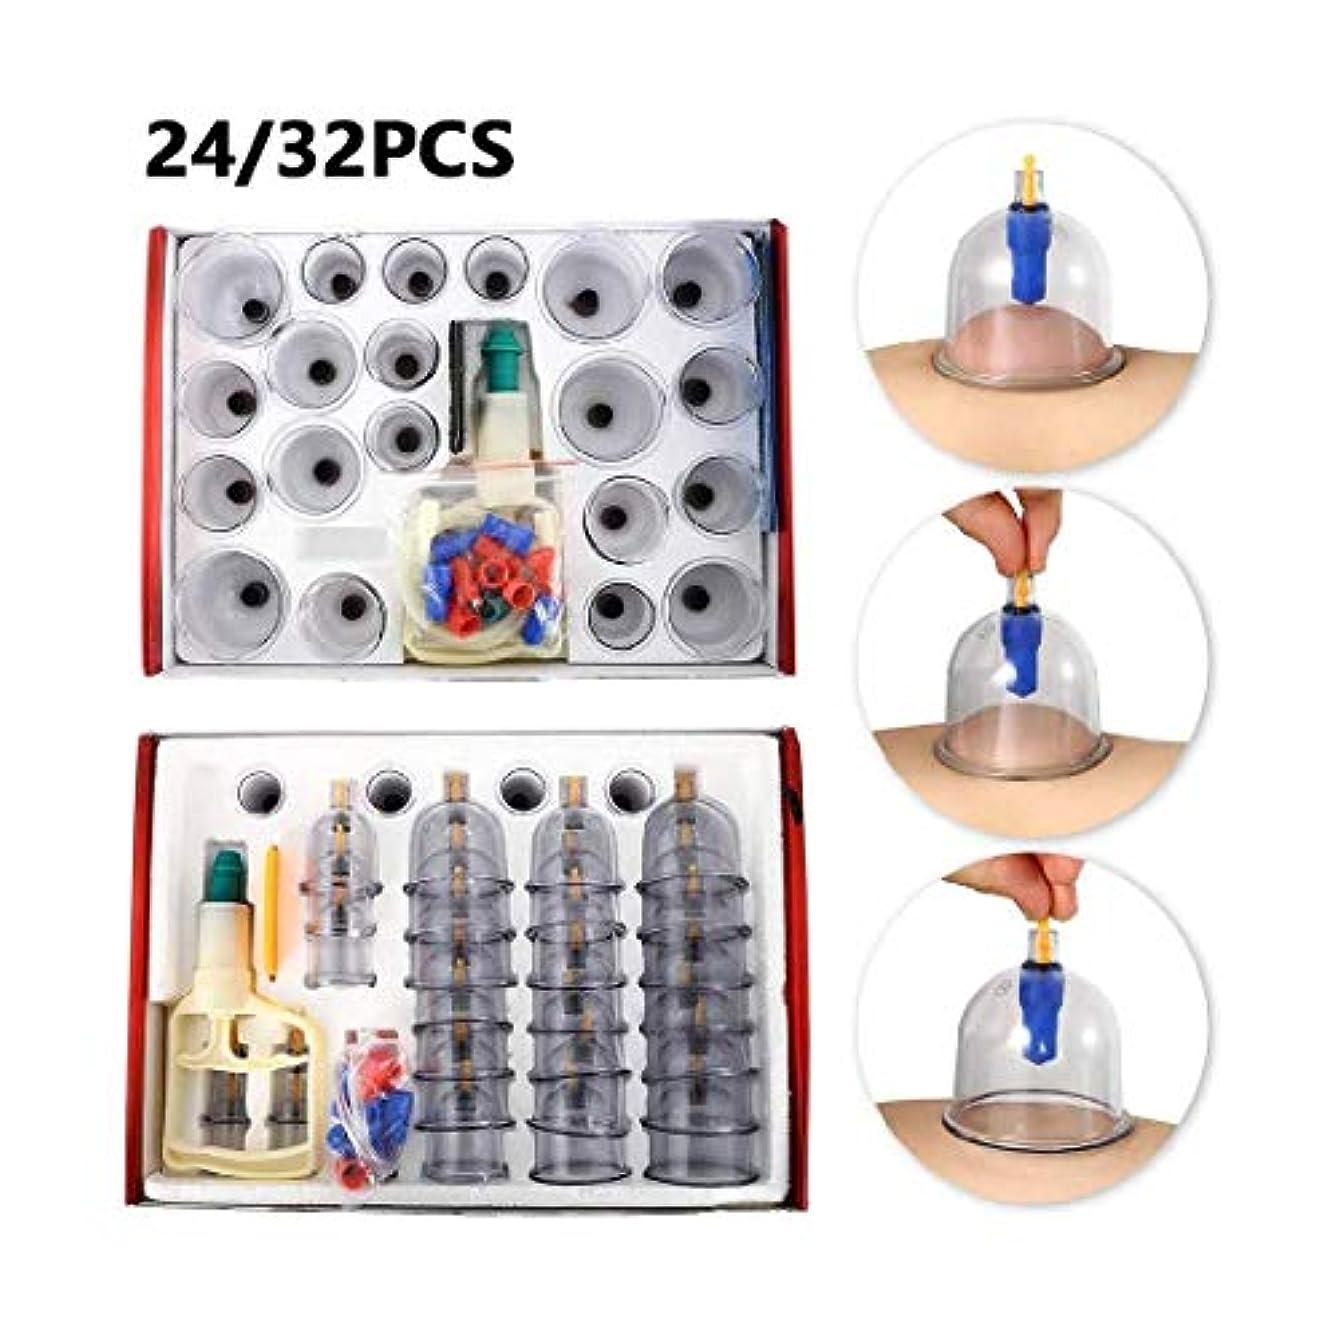 スキップ模索あるマッサージ カッピング 吸い玉 真空カッピング カッピングカップ ツボ刺激 血流促進 点穴 こり解消 磁気 刺激 延長チューブ付属 ツボ押しグッズ